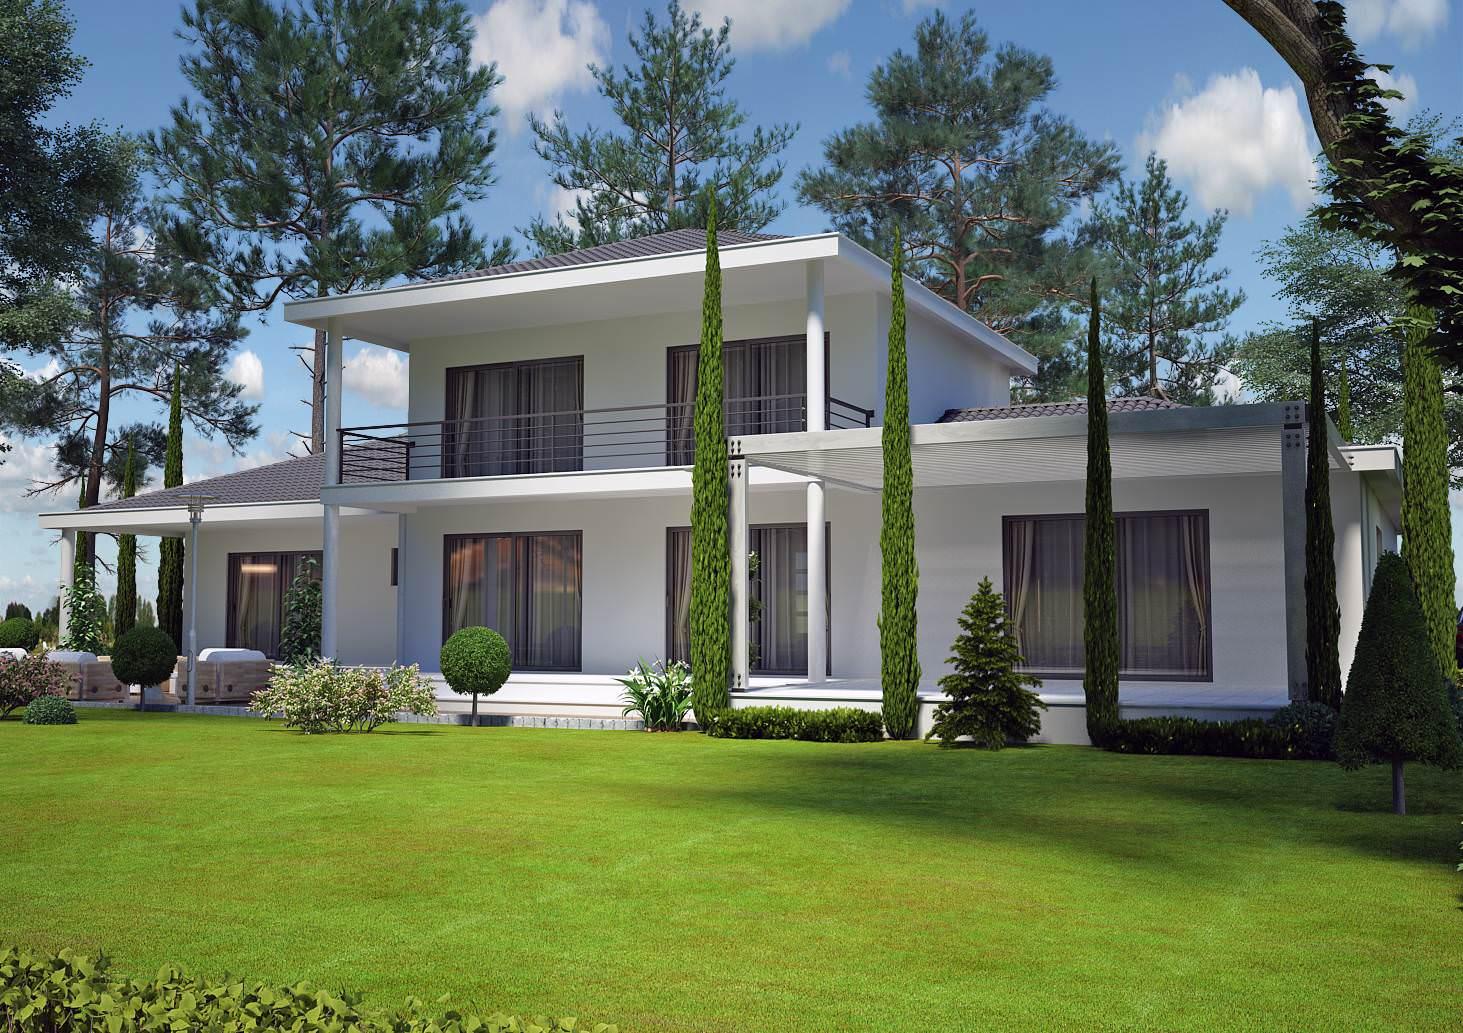 Maison 150 M2 Top Maison